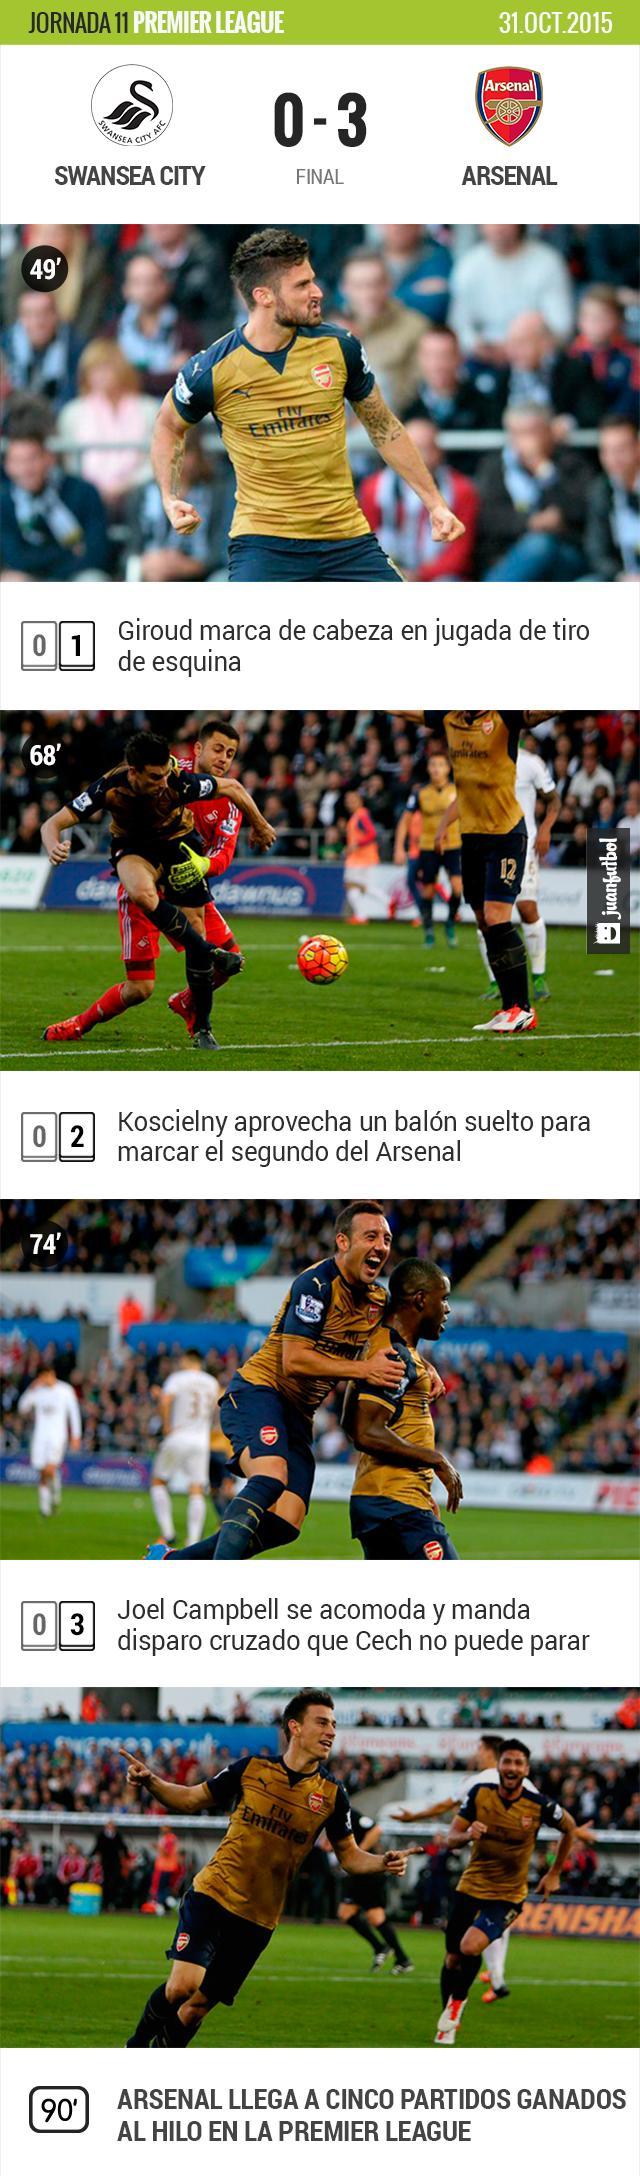 Arsenal sigue atravesando un buen momento en la Premier League